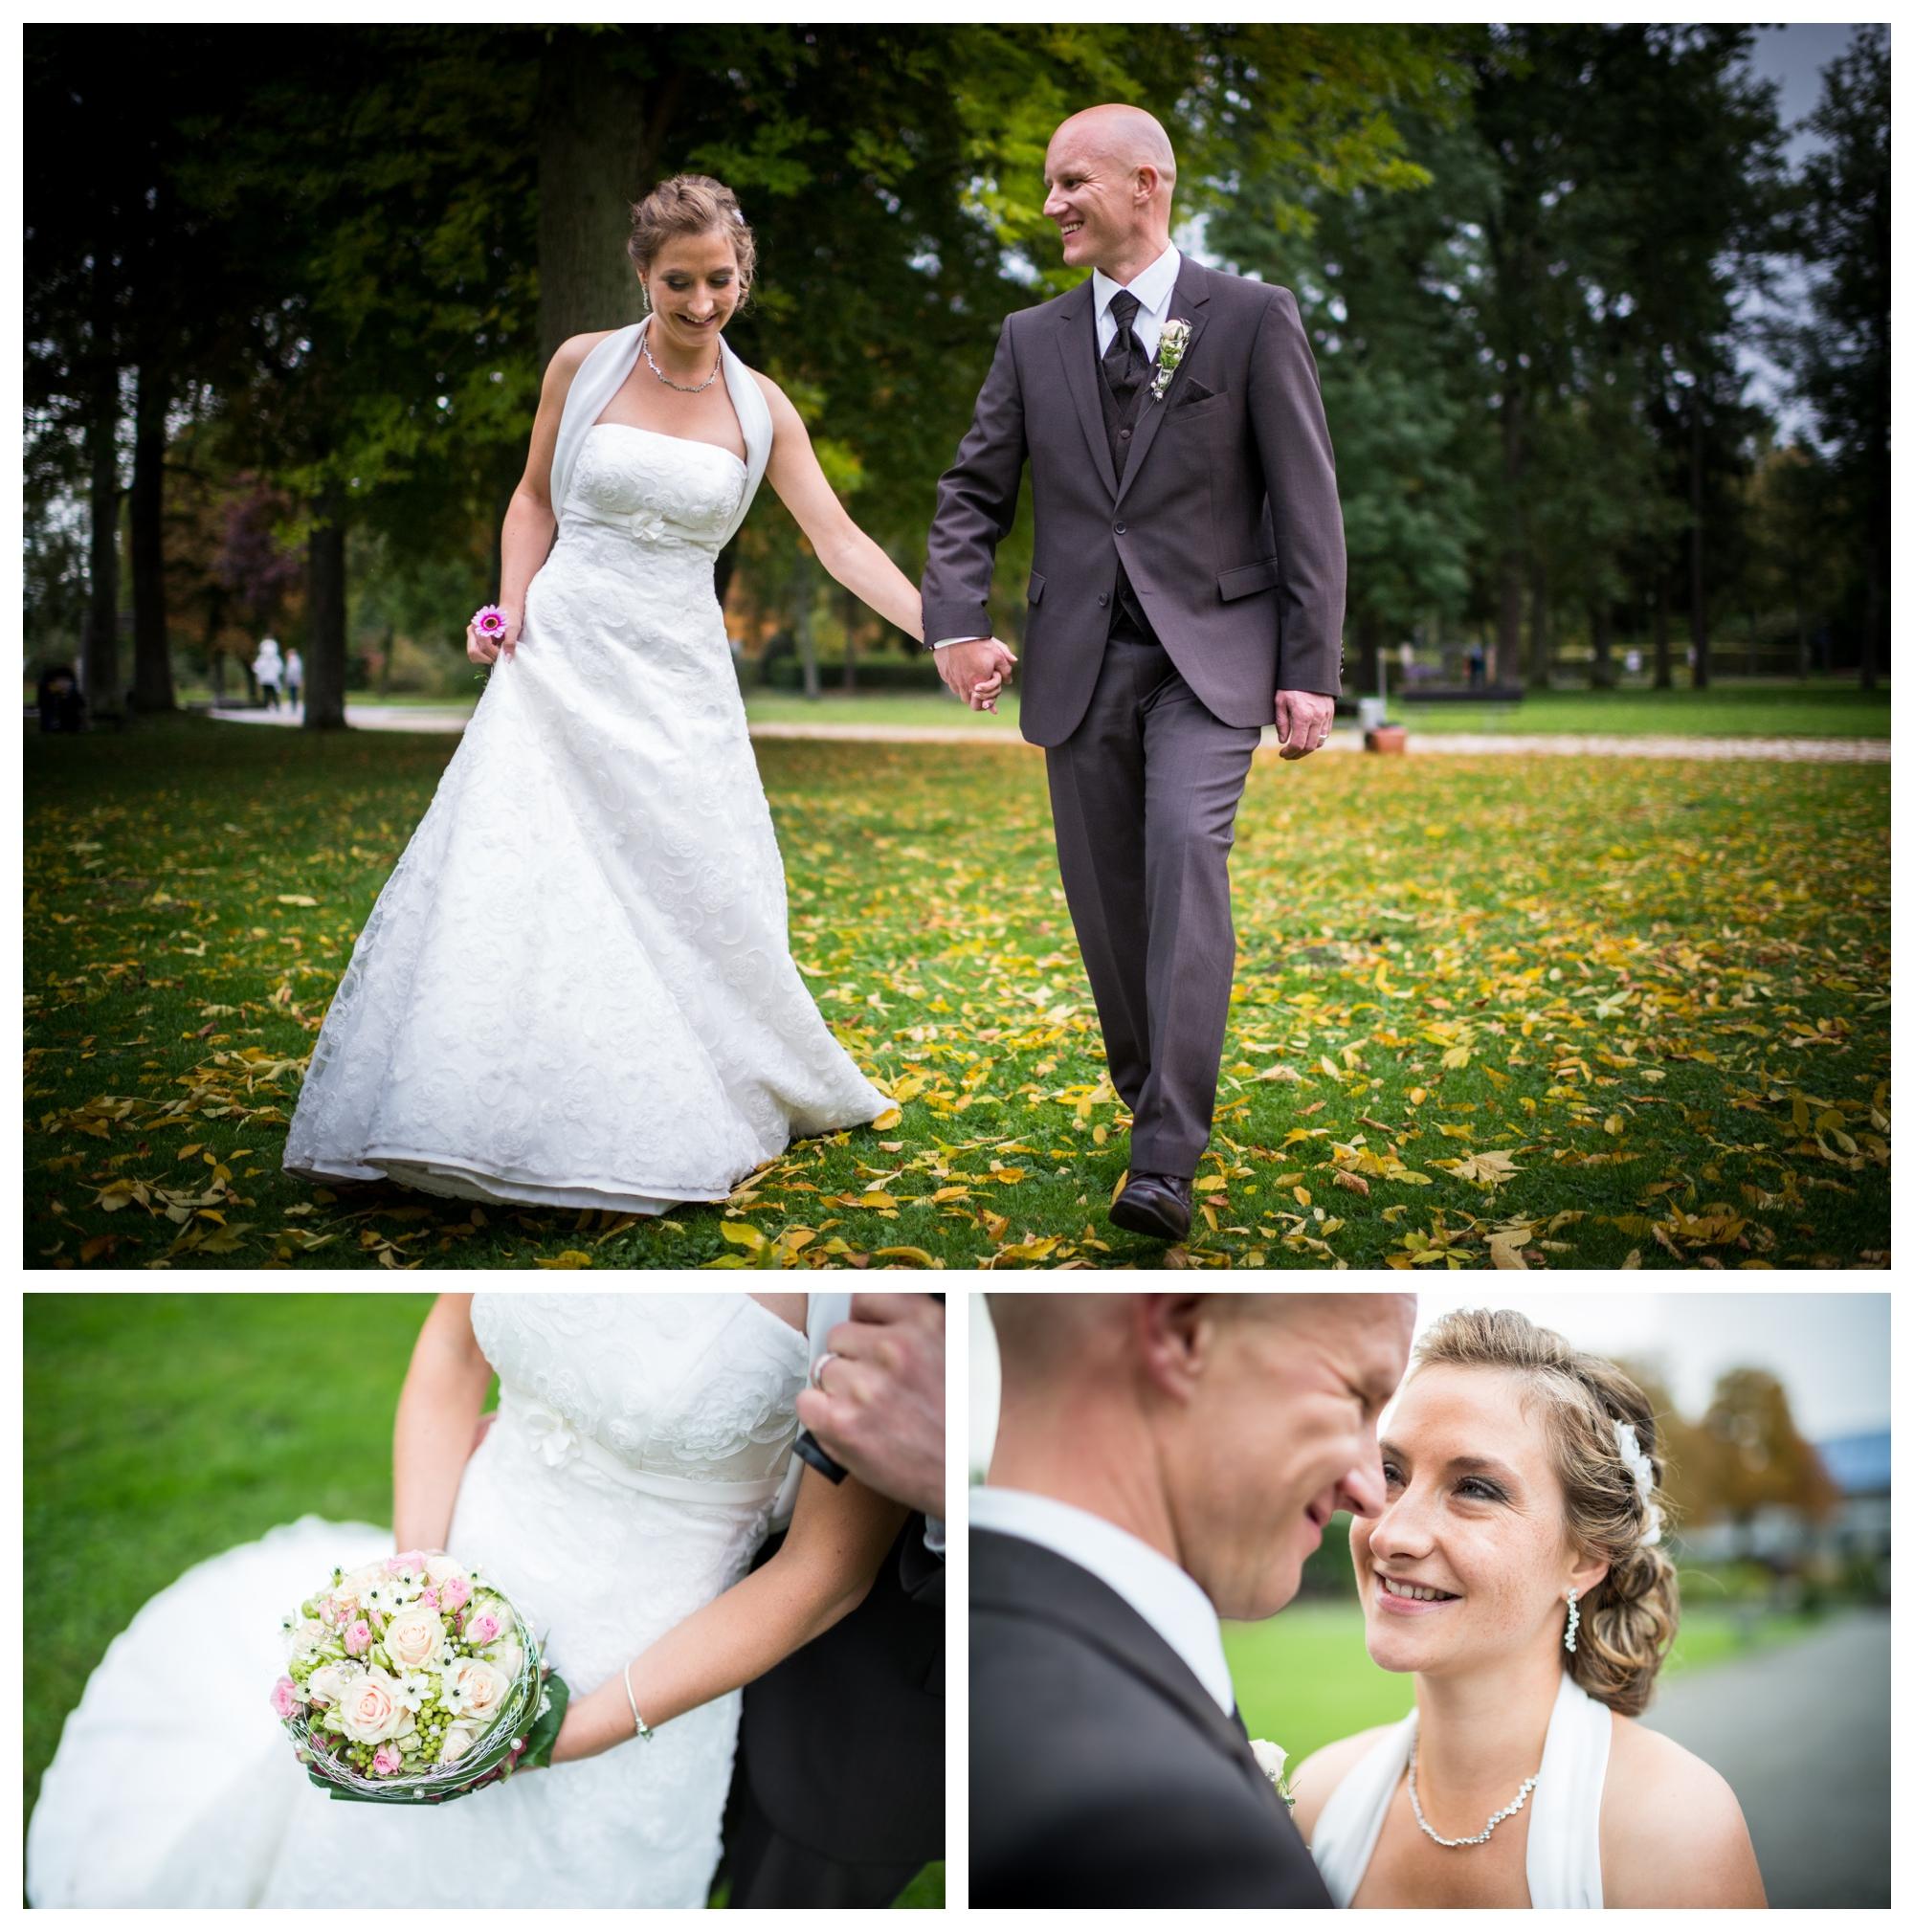 Fotograf Konstanz - Als Hochzeitsfotograf in Bad Dürrheim unterwegs  - 40 -